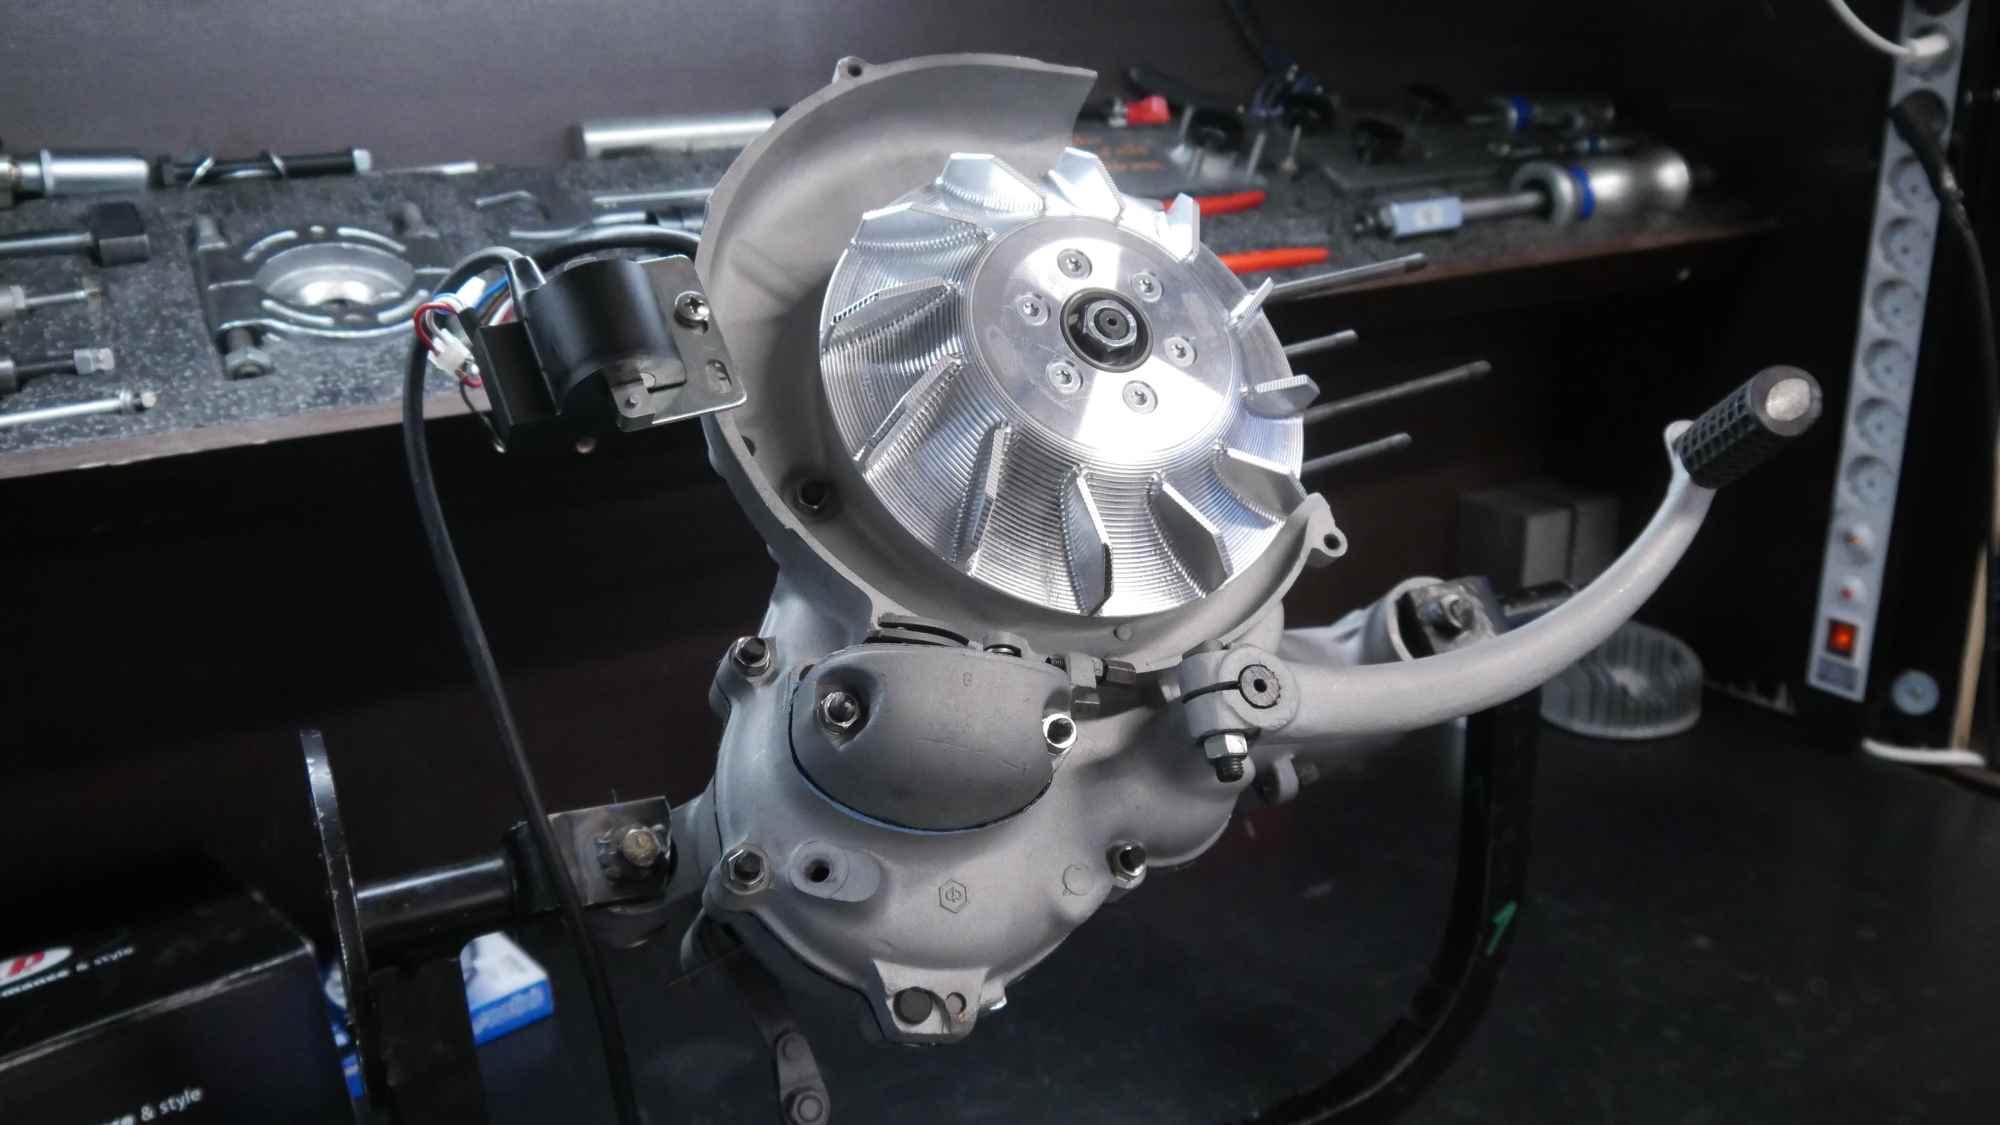 Vespa GTR 125 Motor mit Vape Zündung glasperlgestrahlt während der Montage